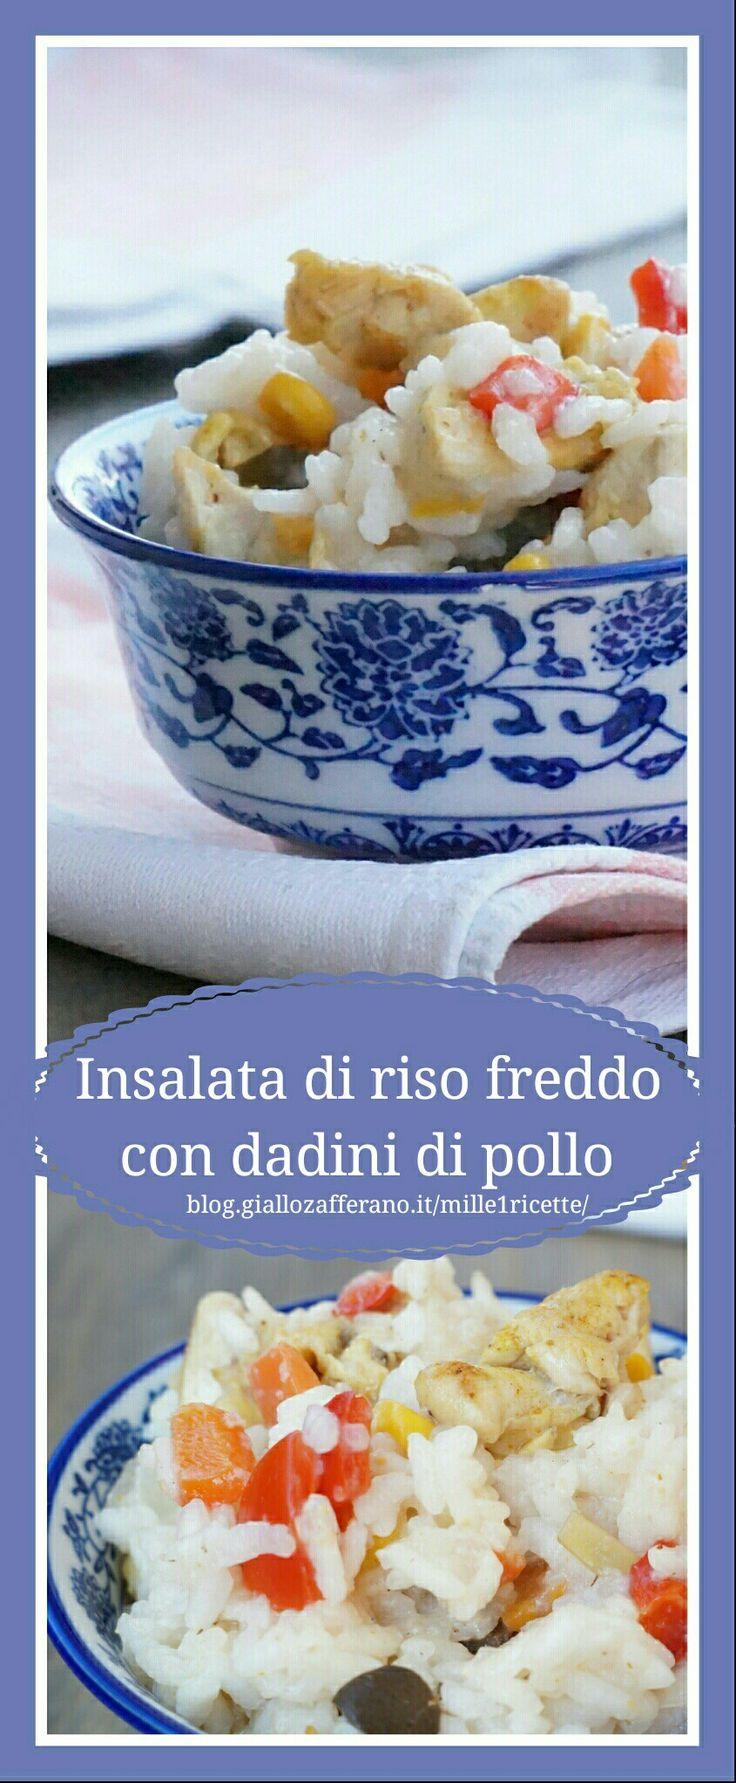 Insalata di riso freddo con pollo  a dadini  Buonissima e facilissima http://blog.giallozafferano.it/mille1ricette/insalata-riso-freddo-con-dadini-di-pollo/